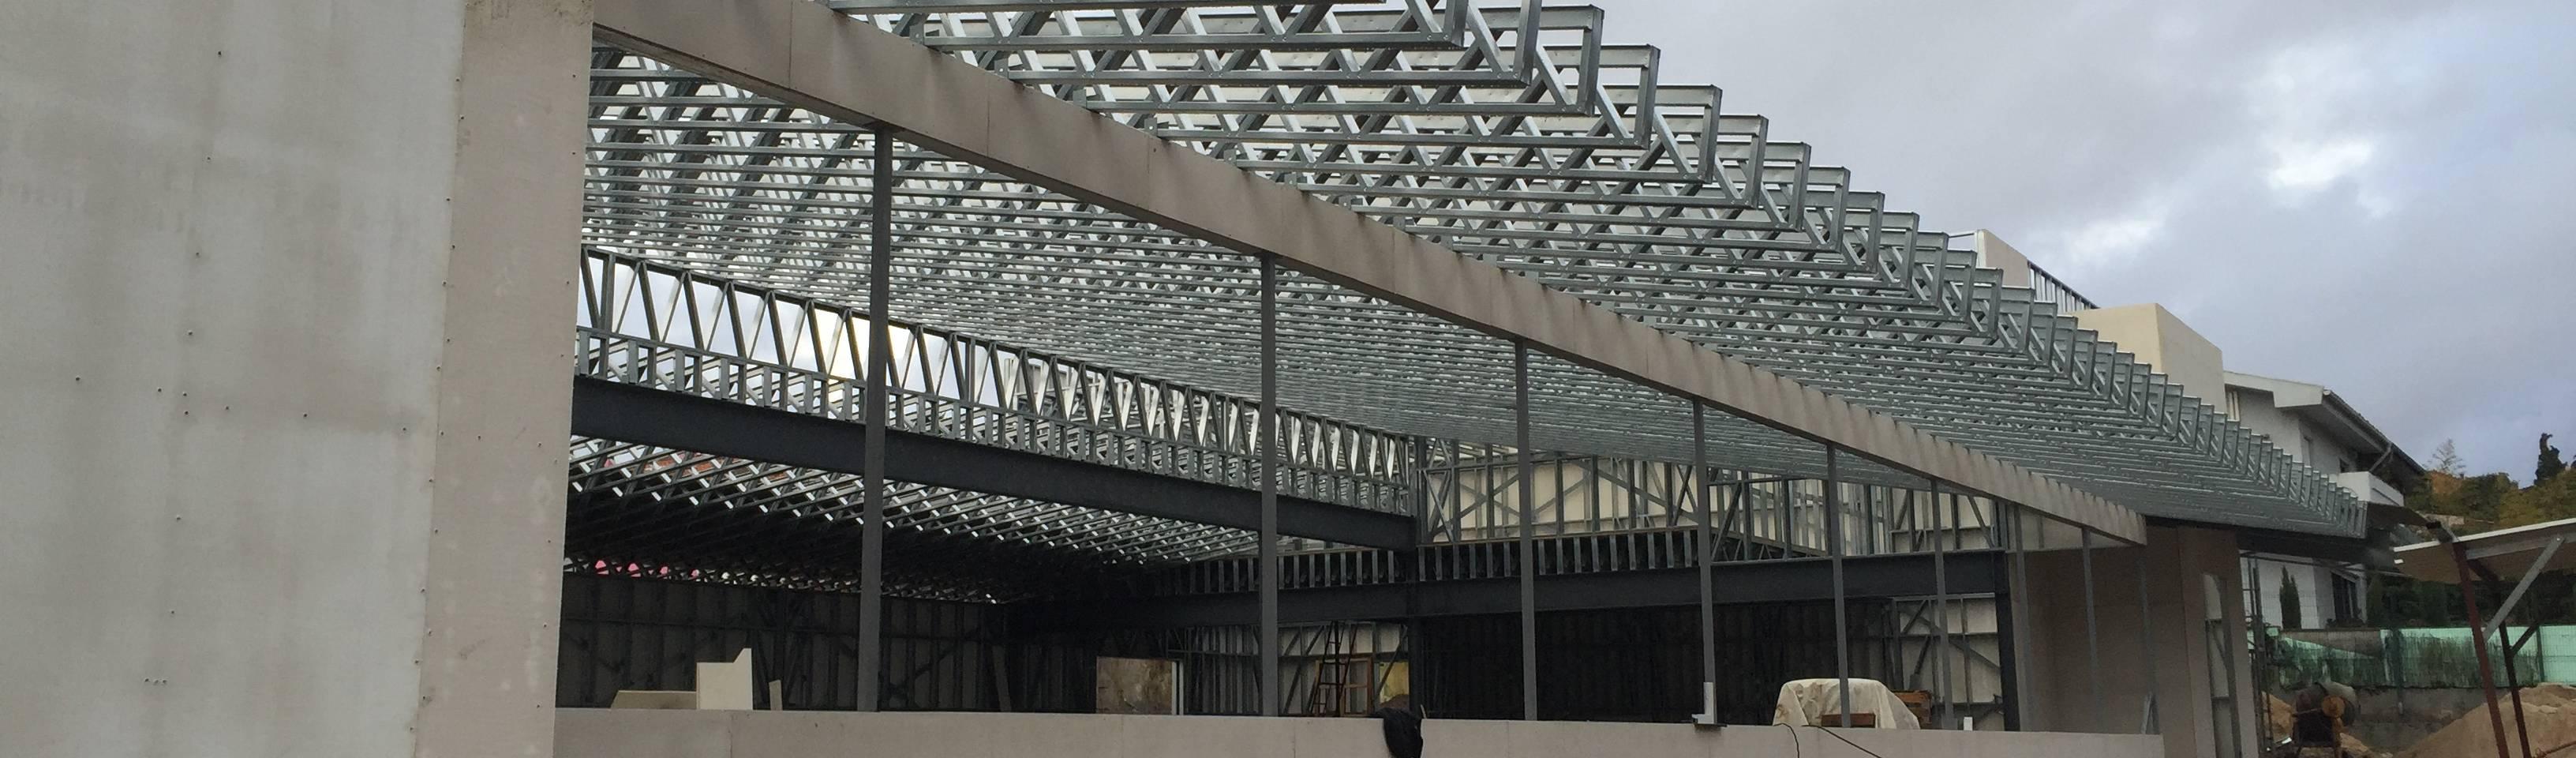 SCALE – Soluções Construtivas em Aço Leve, S.A.